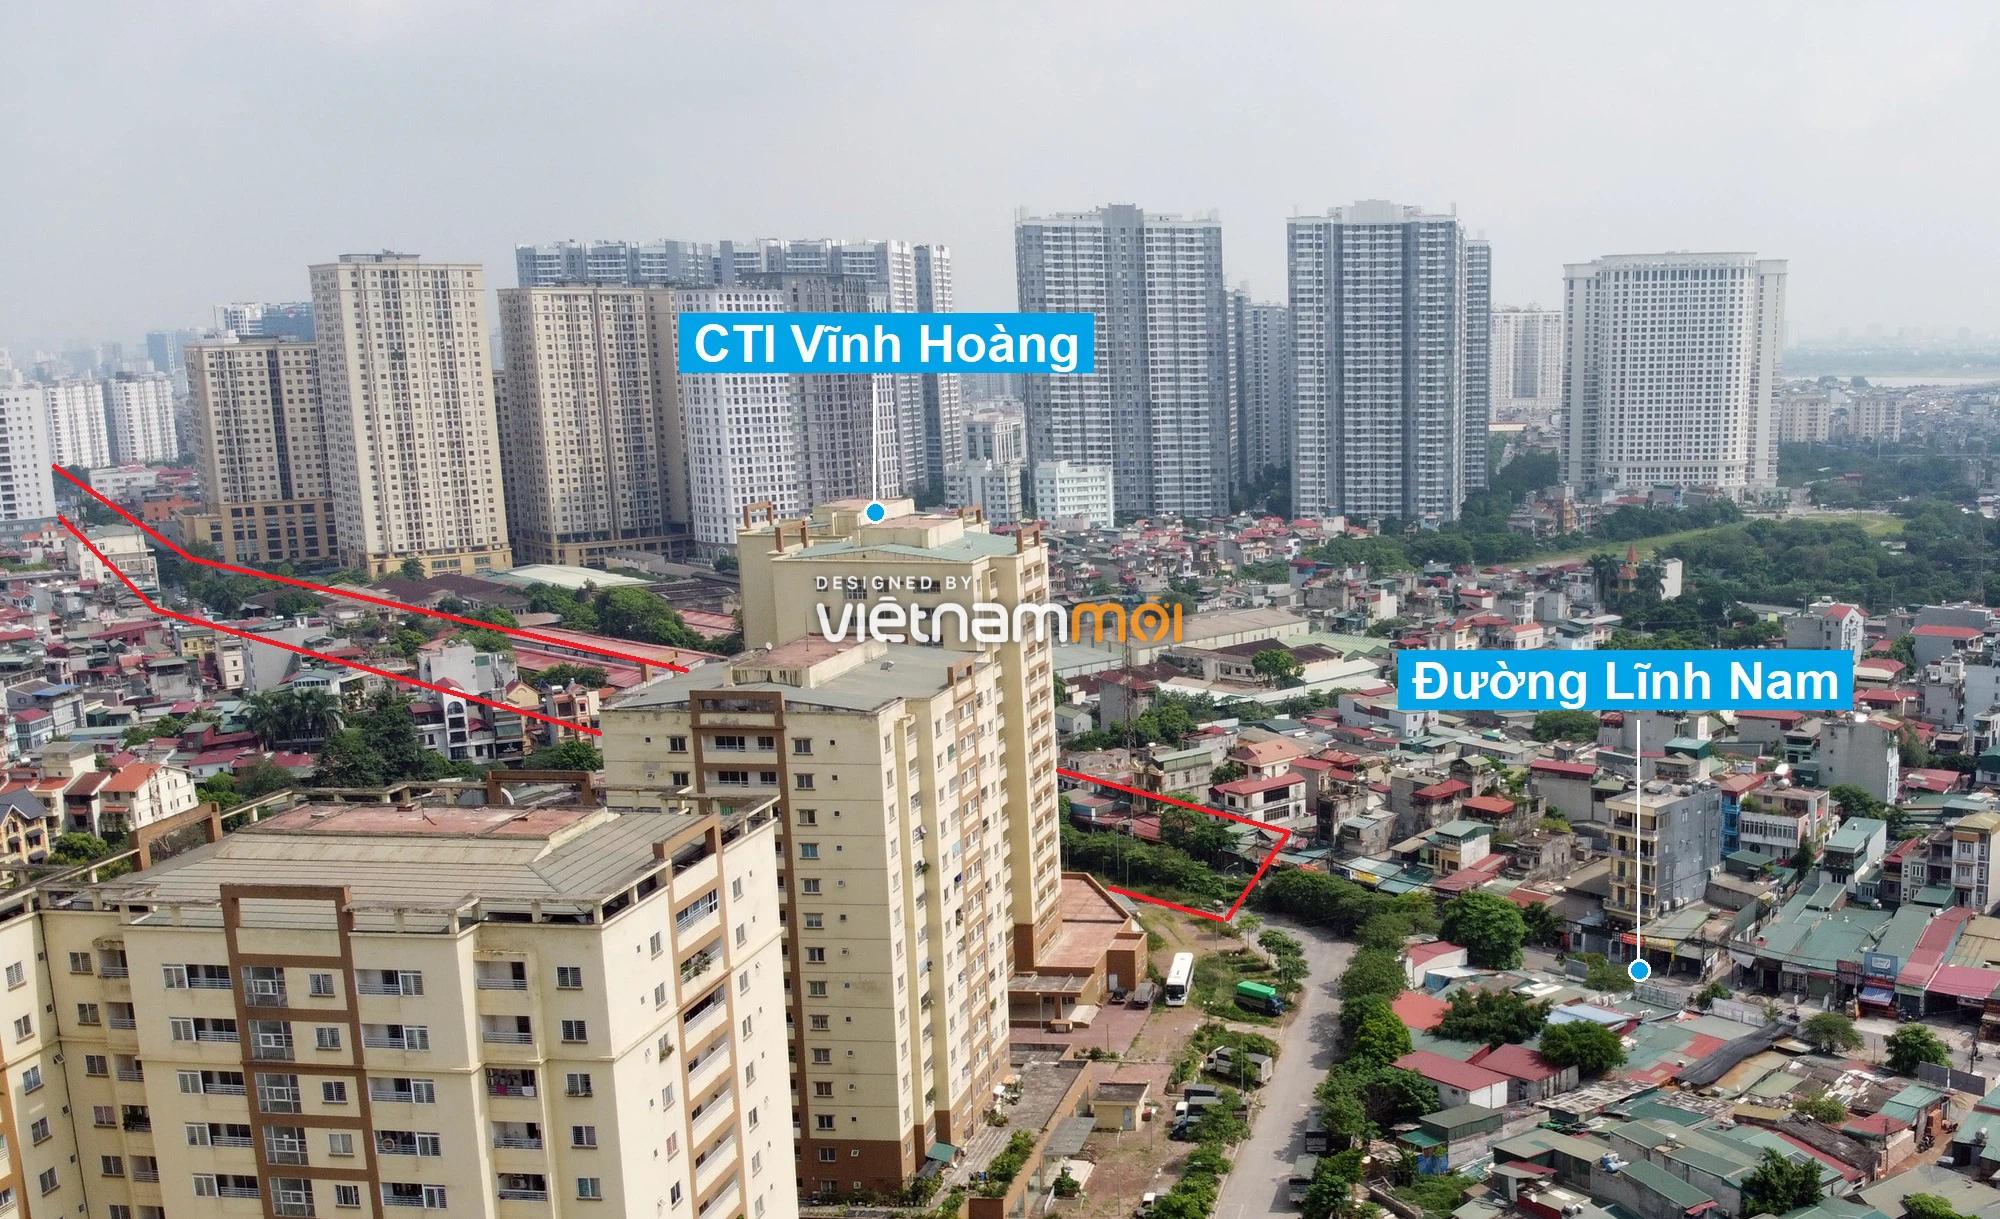 Những khu đất sắp thu hồi để mở đường ở quận Hoàng Mai, Hà Nội (phần 3) - Ảnh 13.